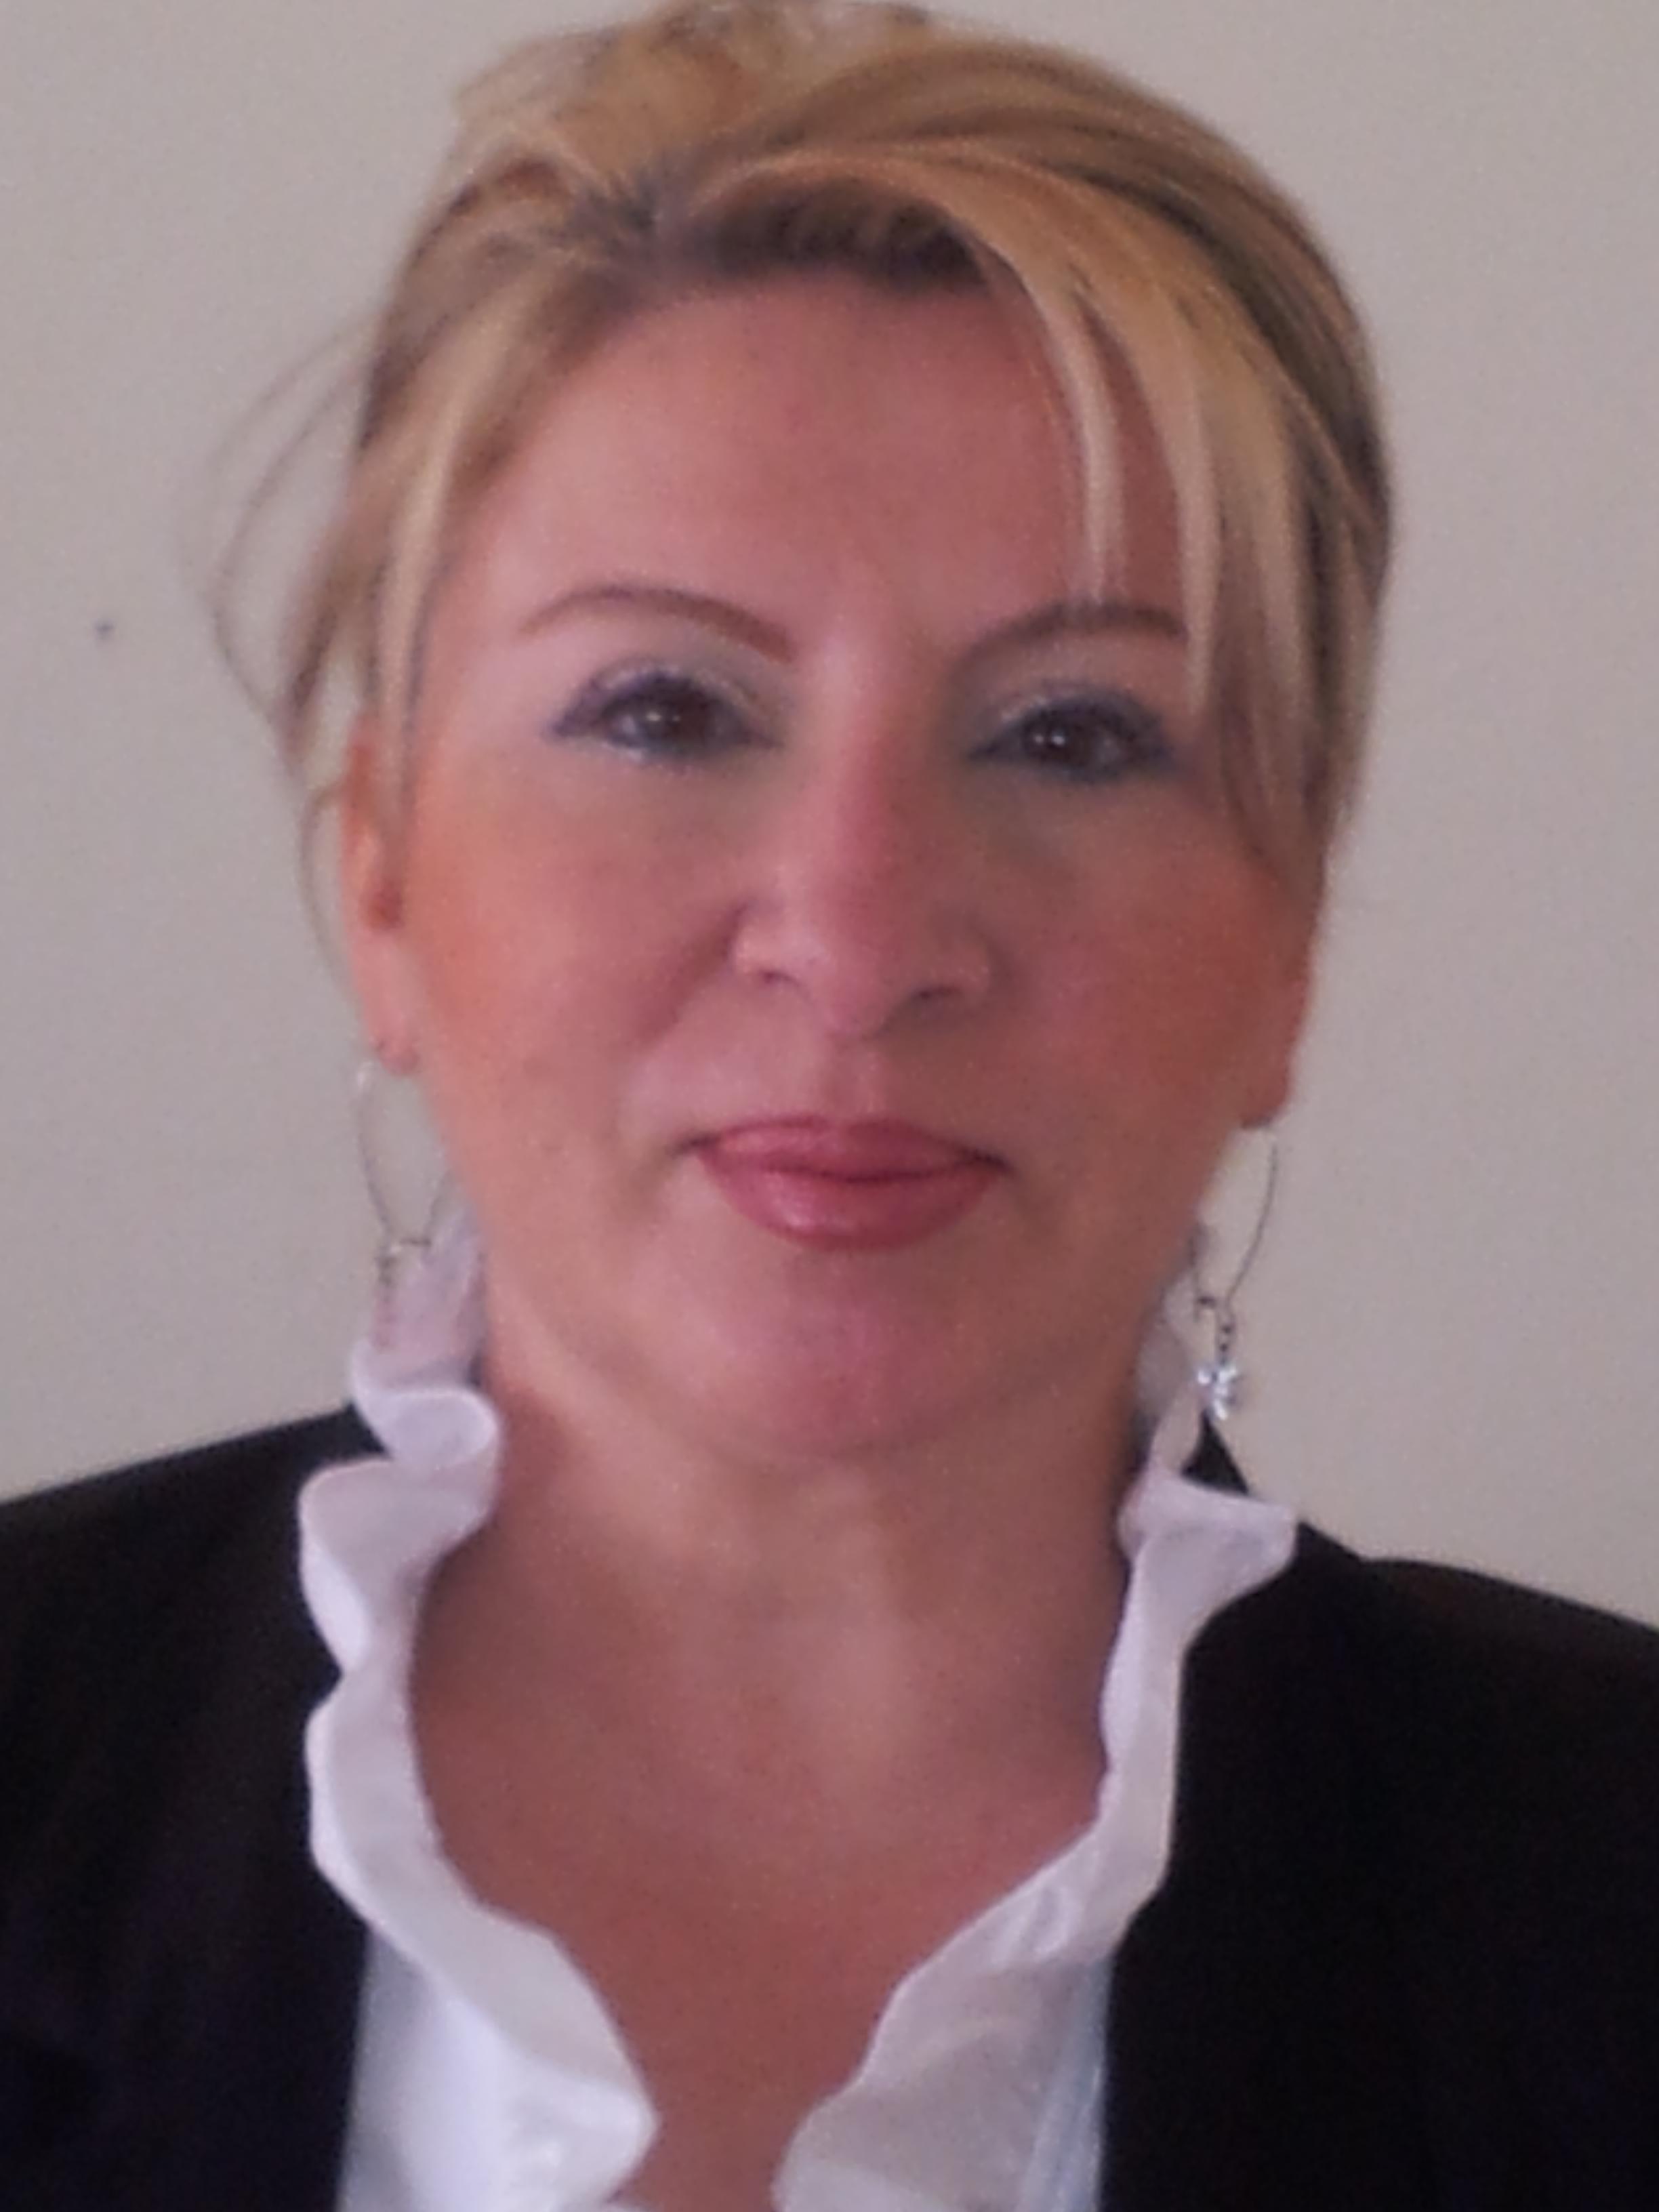 דוקטור ליליה מינסיאן - תמונת פרופיל